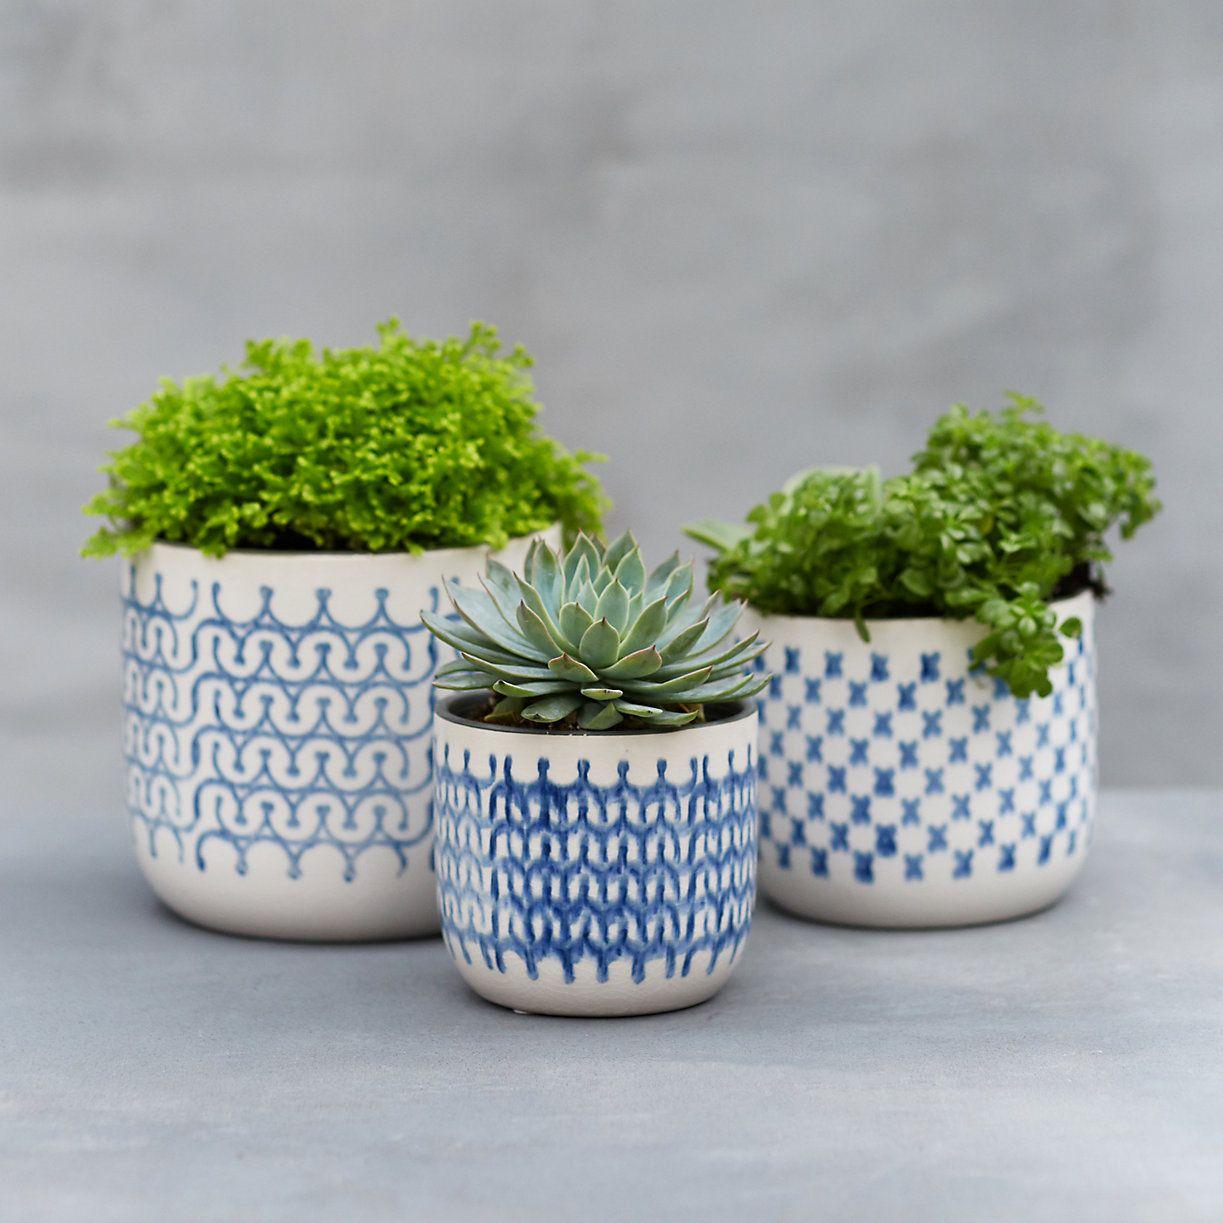 Nordic Print Ceramic Pot In Garden Indoor Planters At Terrain